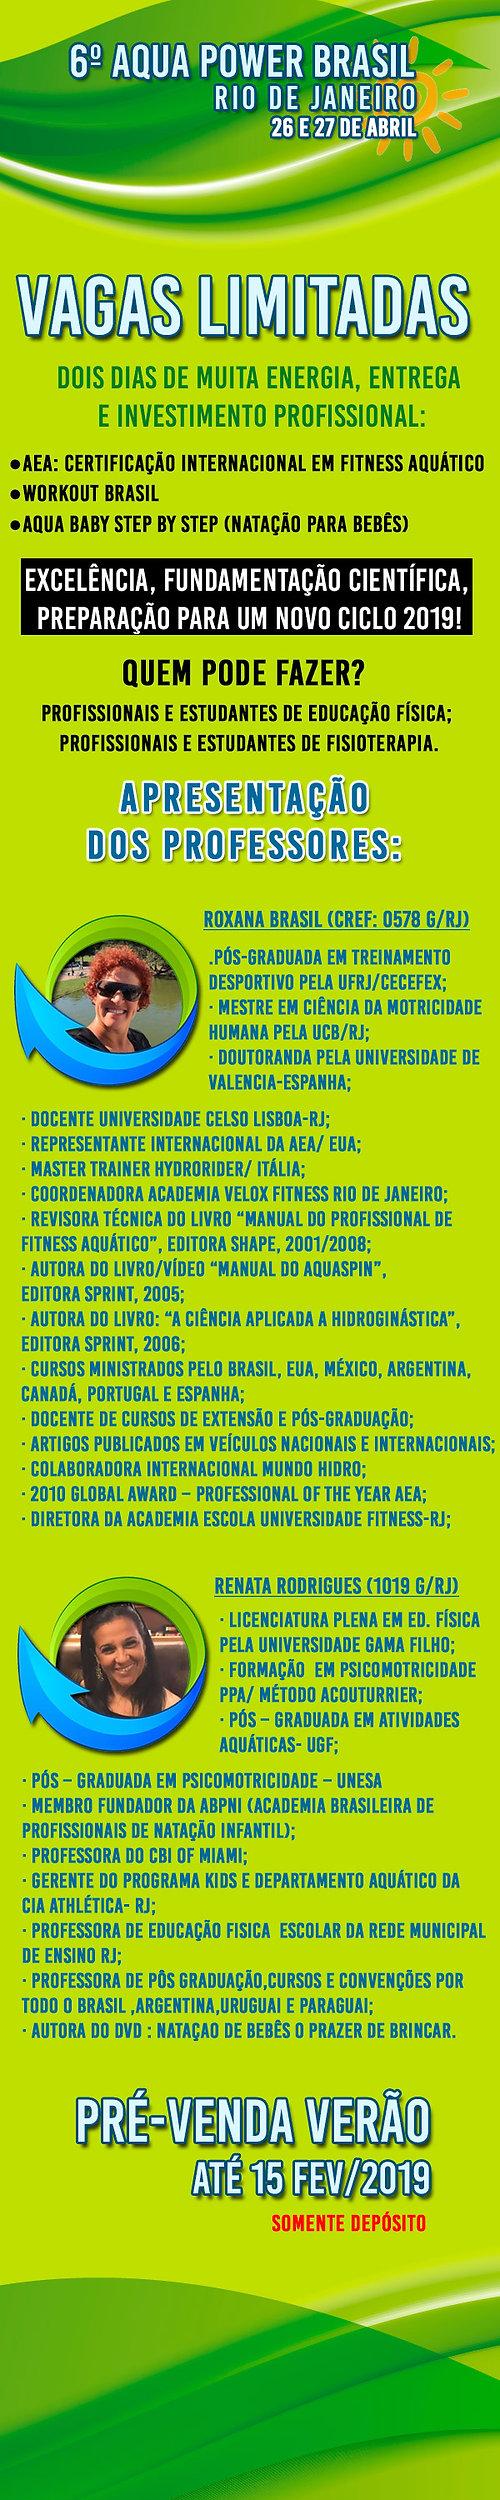 6-aquapower-brasil001b.jpg